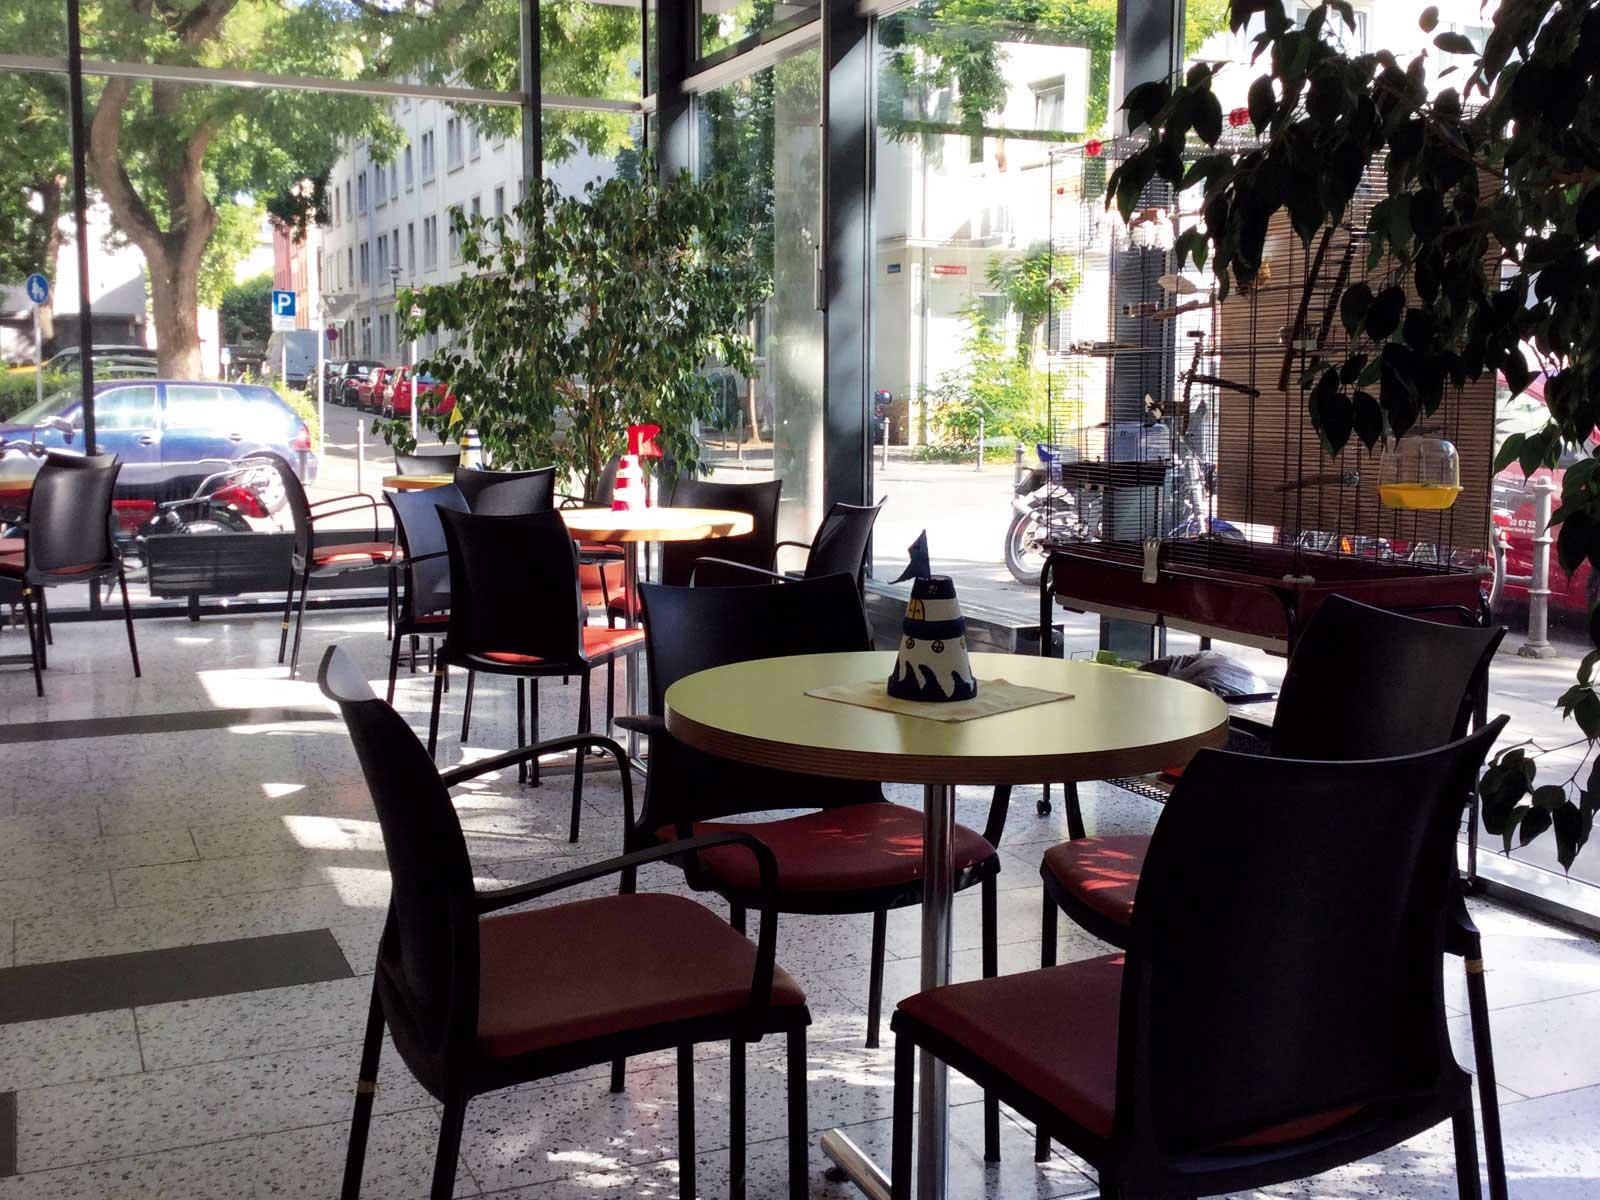 Seniorenzentrum-Bruder-Konrad-Stift-Haupteingang-3-Cafeteria